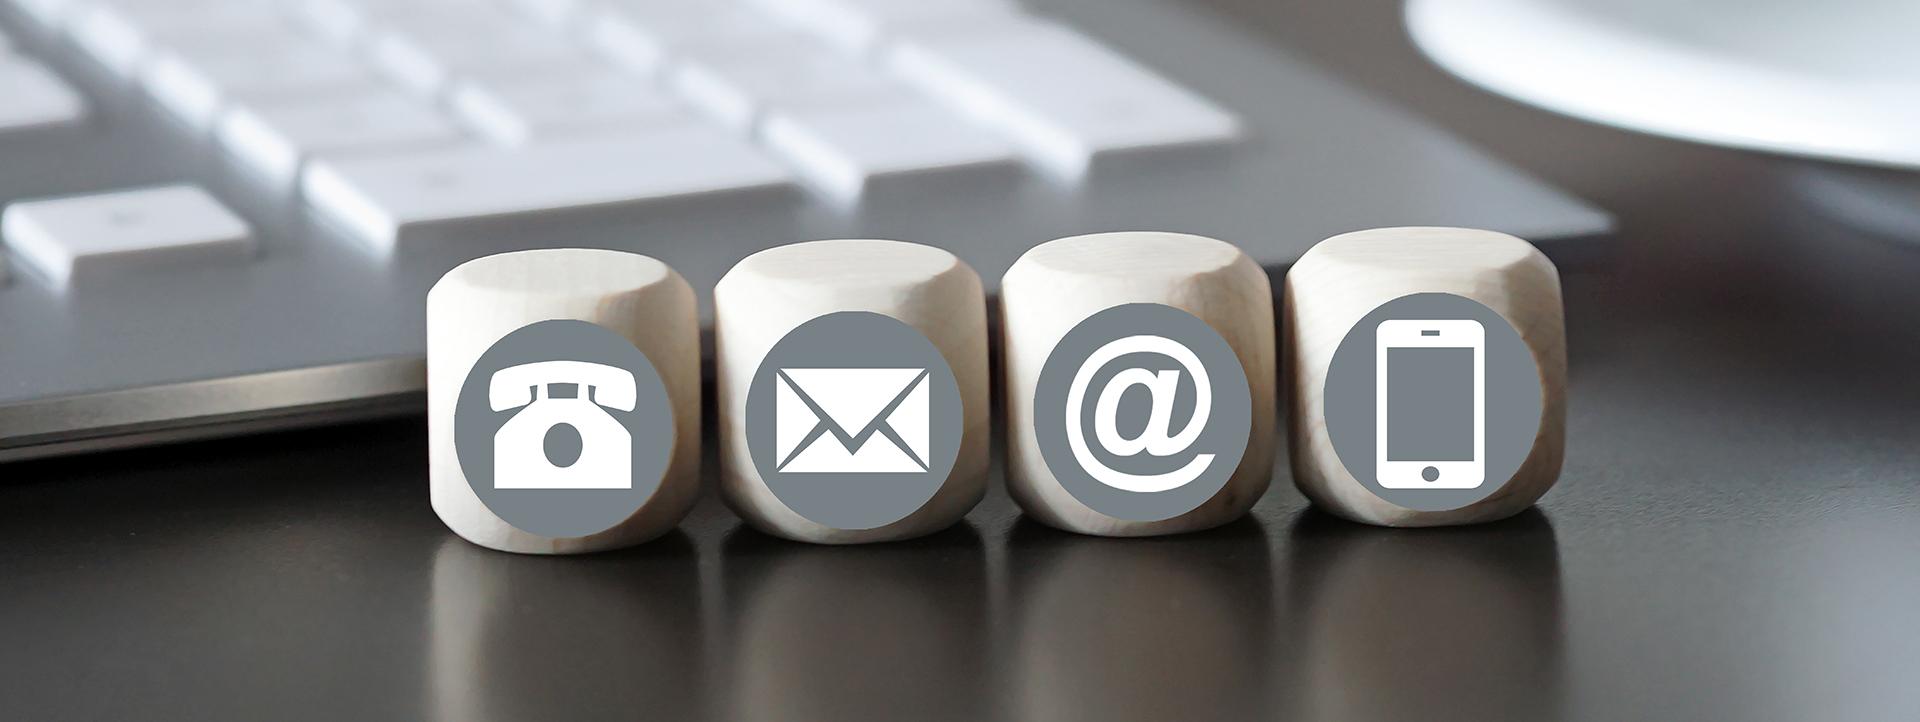 Optimized Bulgaria - Агенция за дигитален маркетинг